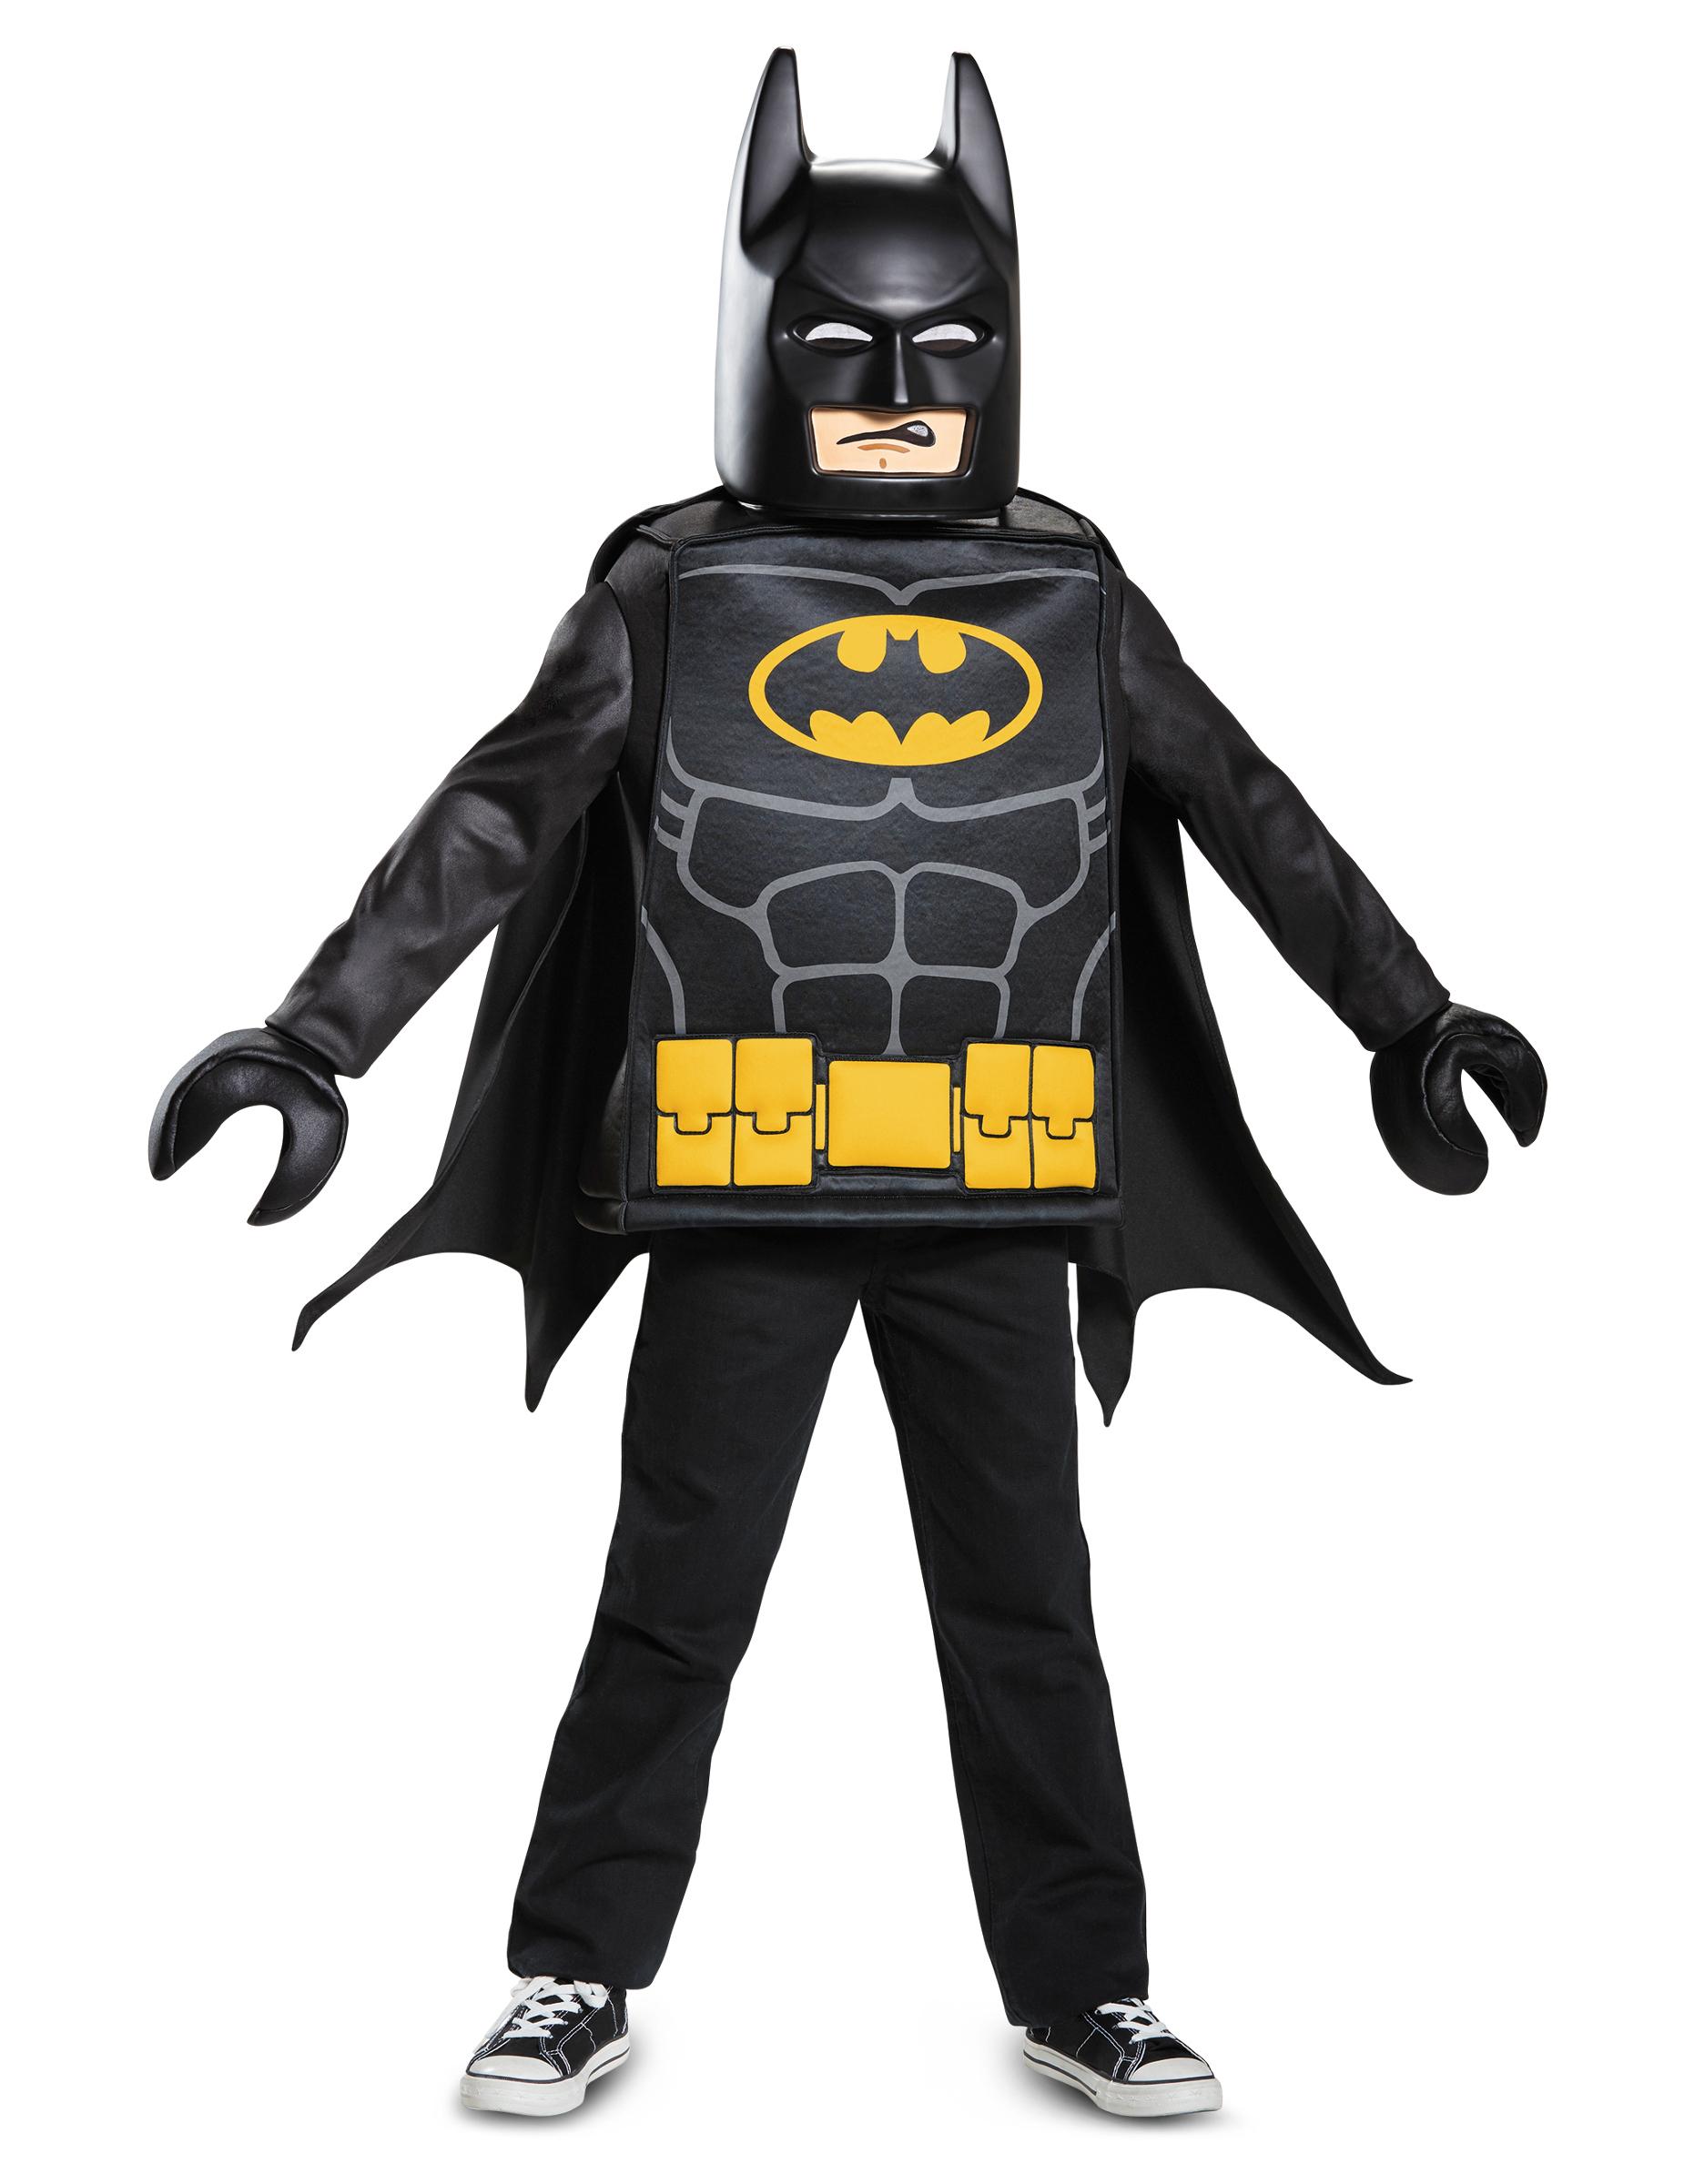 disfarce clássico batman lego movie criança disfarces crianças